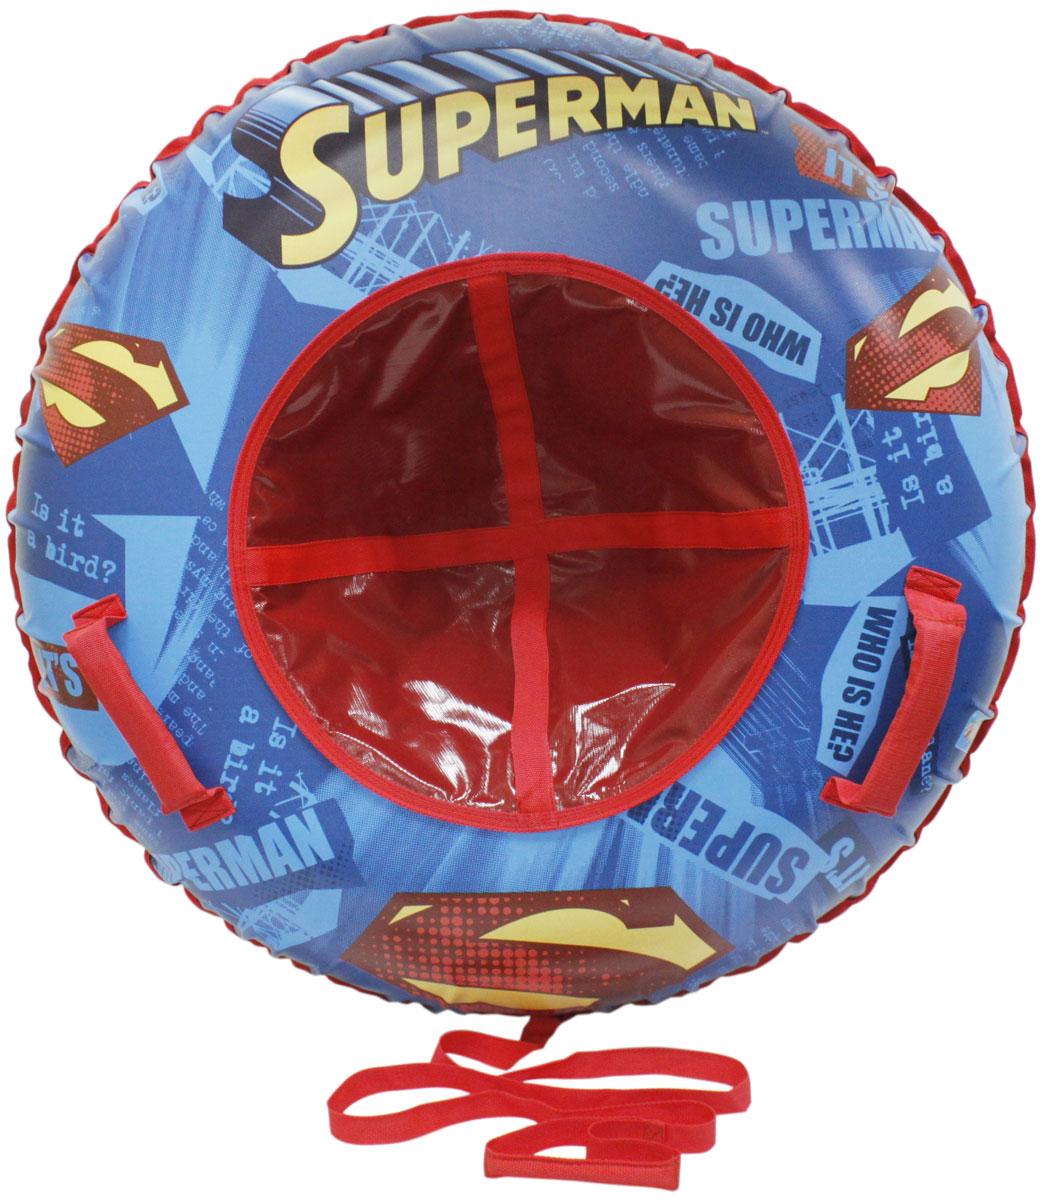 Тюбинг 1TOY Супермен, цвет: красный, диаметр 85 смТ10464Тюбинг - надувные сани, резиновая автокамера, материал глянцевый ПВХ, буксировочный трос. Надувные сани в последнее время стали очень популярным развлечением зимой. Специальные материалы и уникальная конструкция днища превосходно скользят, даже если снега совсем немного. Высокая прочность позволит весело проводить время детям и взрослым, не заботясь о поломках. Модель очень вместительная, возможность соскальзывания практически исключена.